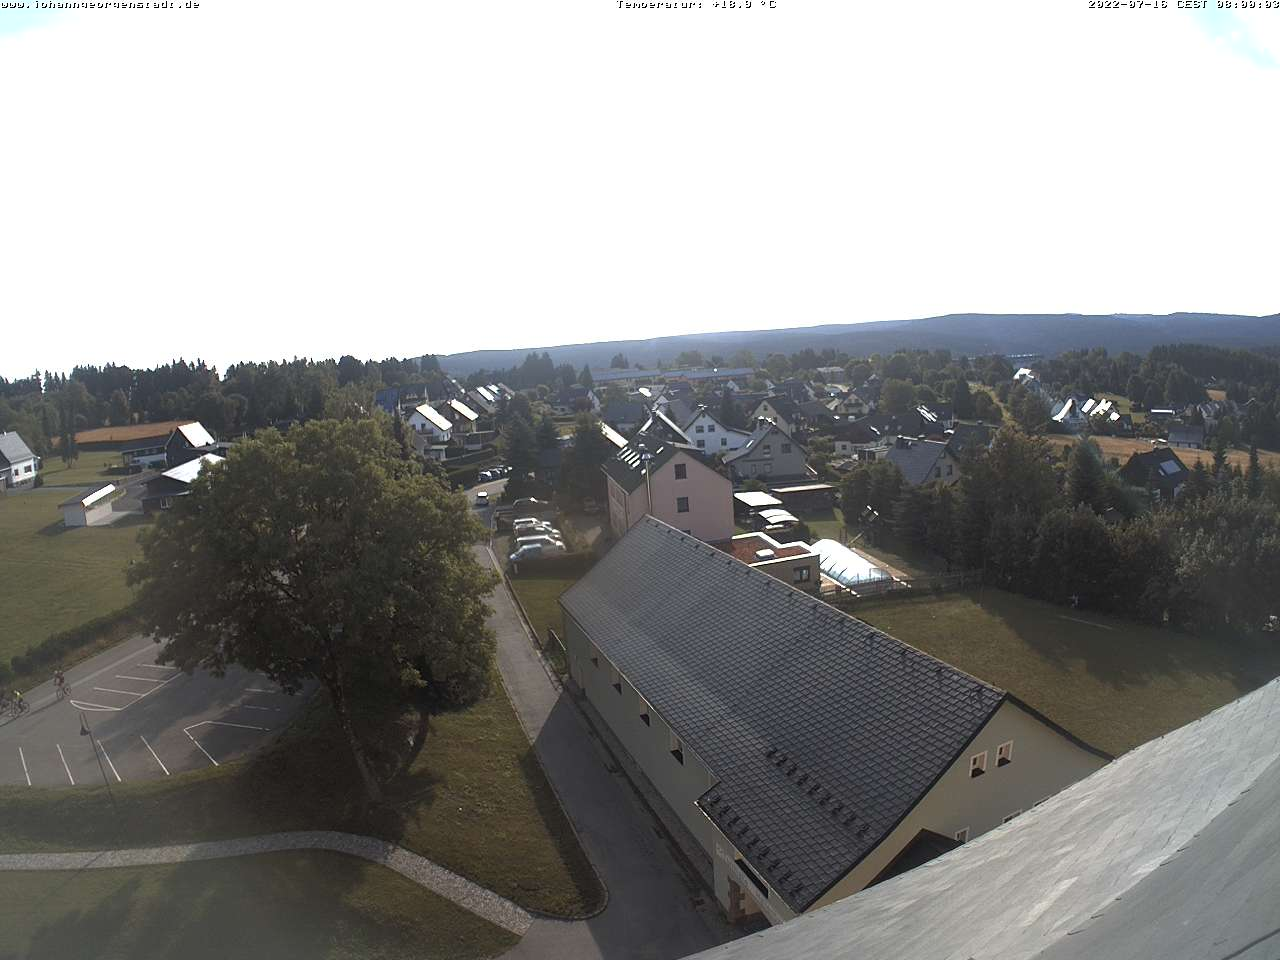 Webcam Skigebiet Johanngeorgenstadt cam 2 - Erzgebirge